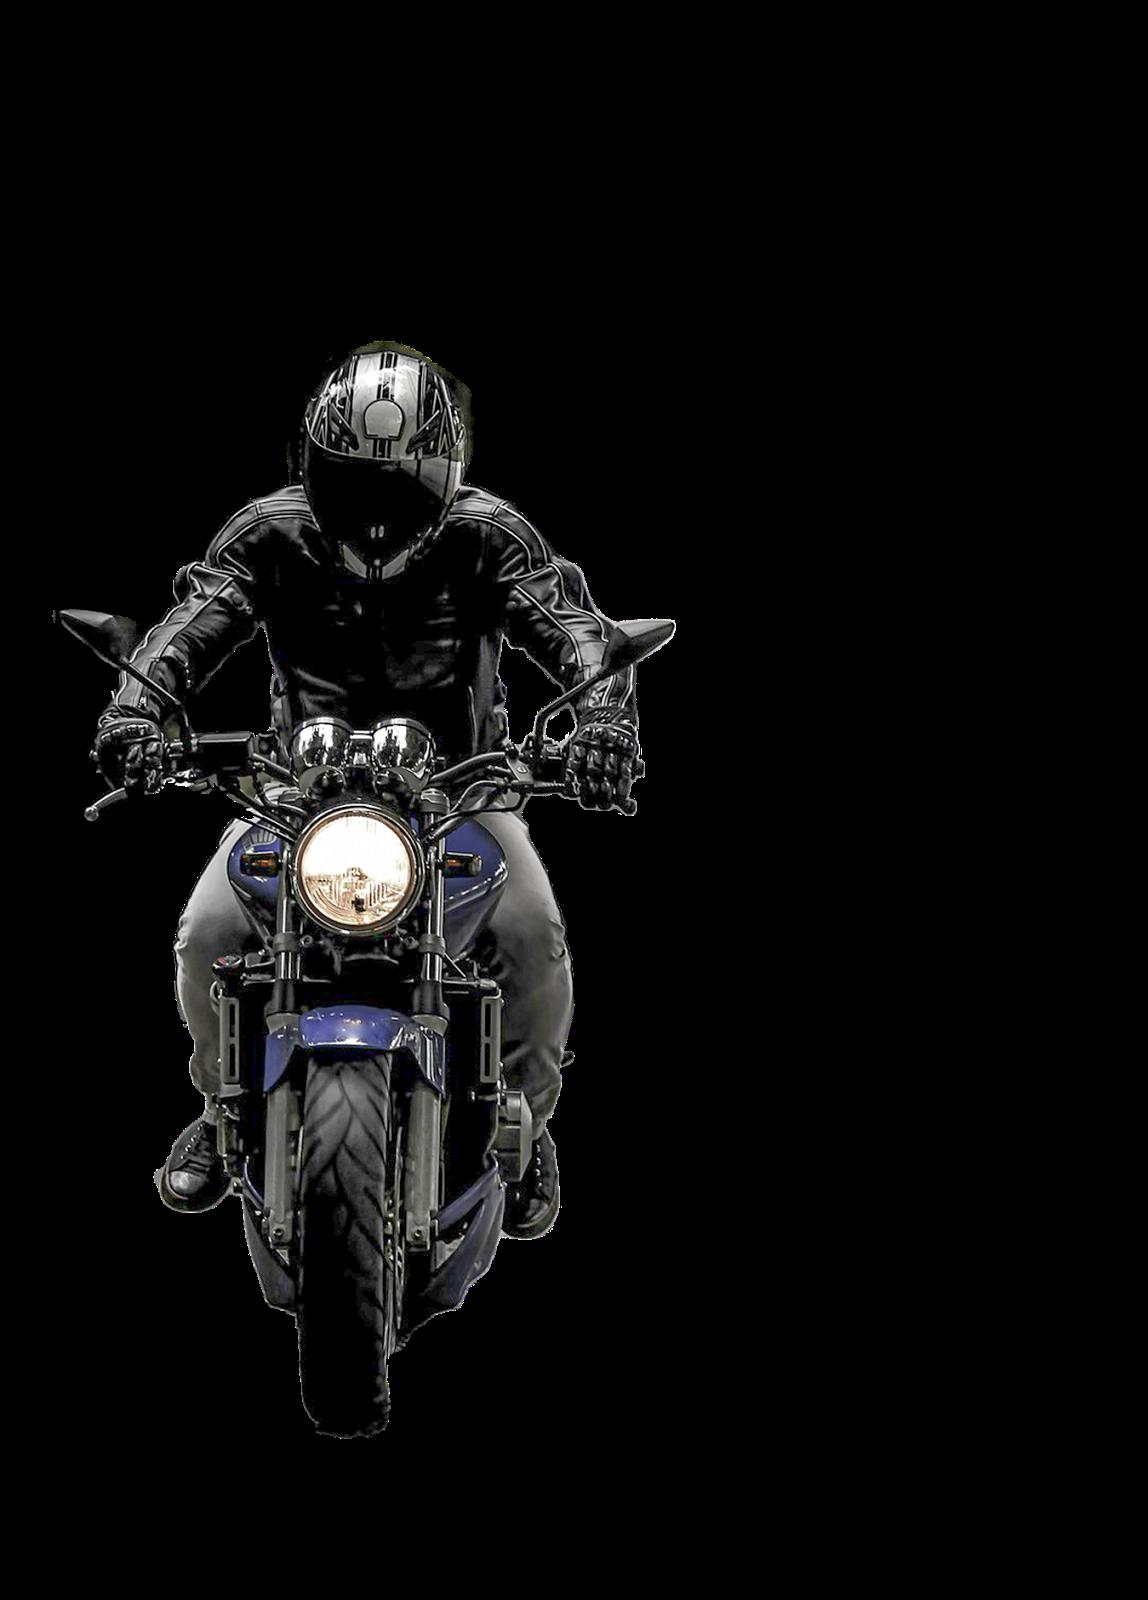 Biker Png & Free Biker.png Transparent Images #28283.